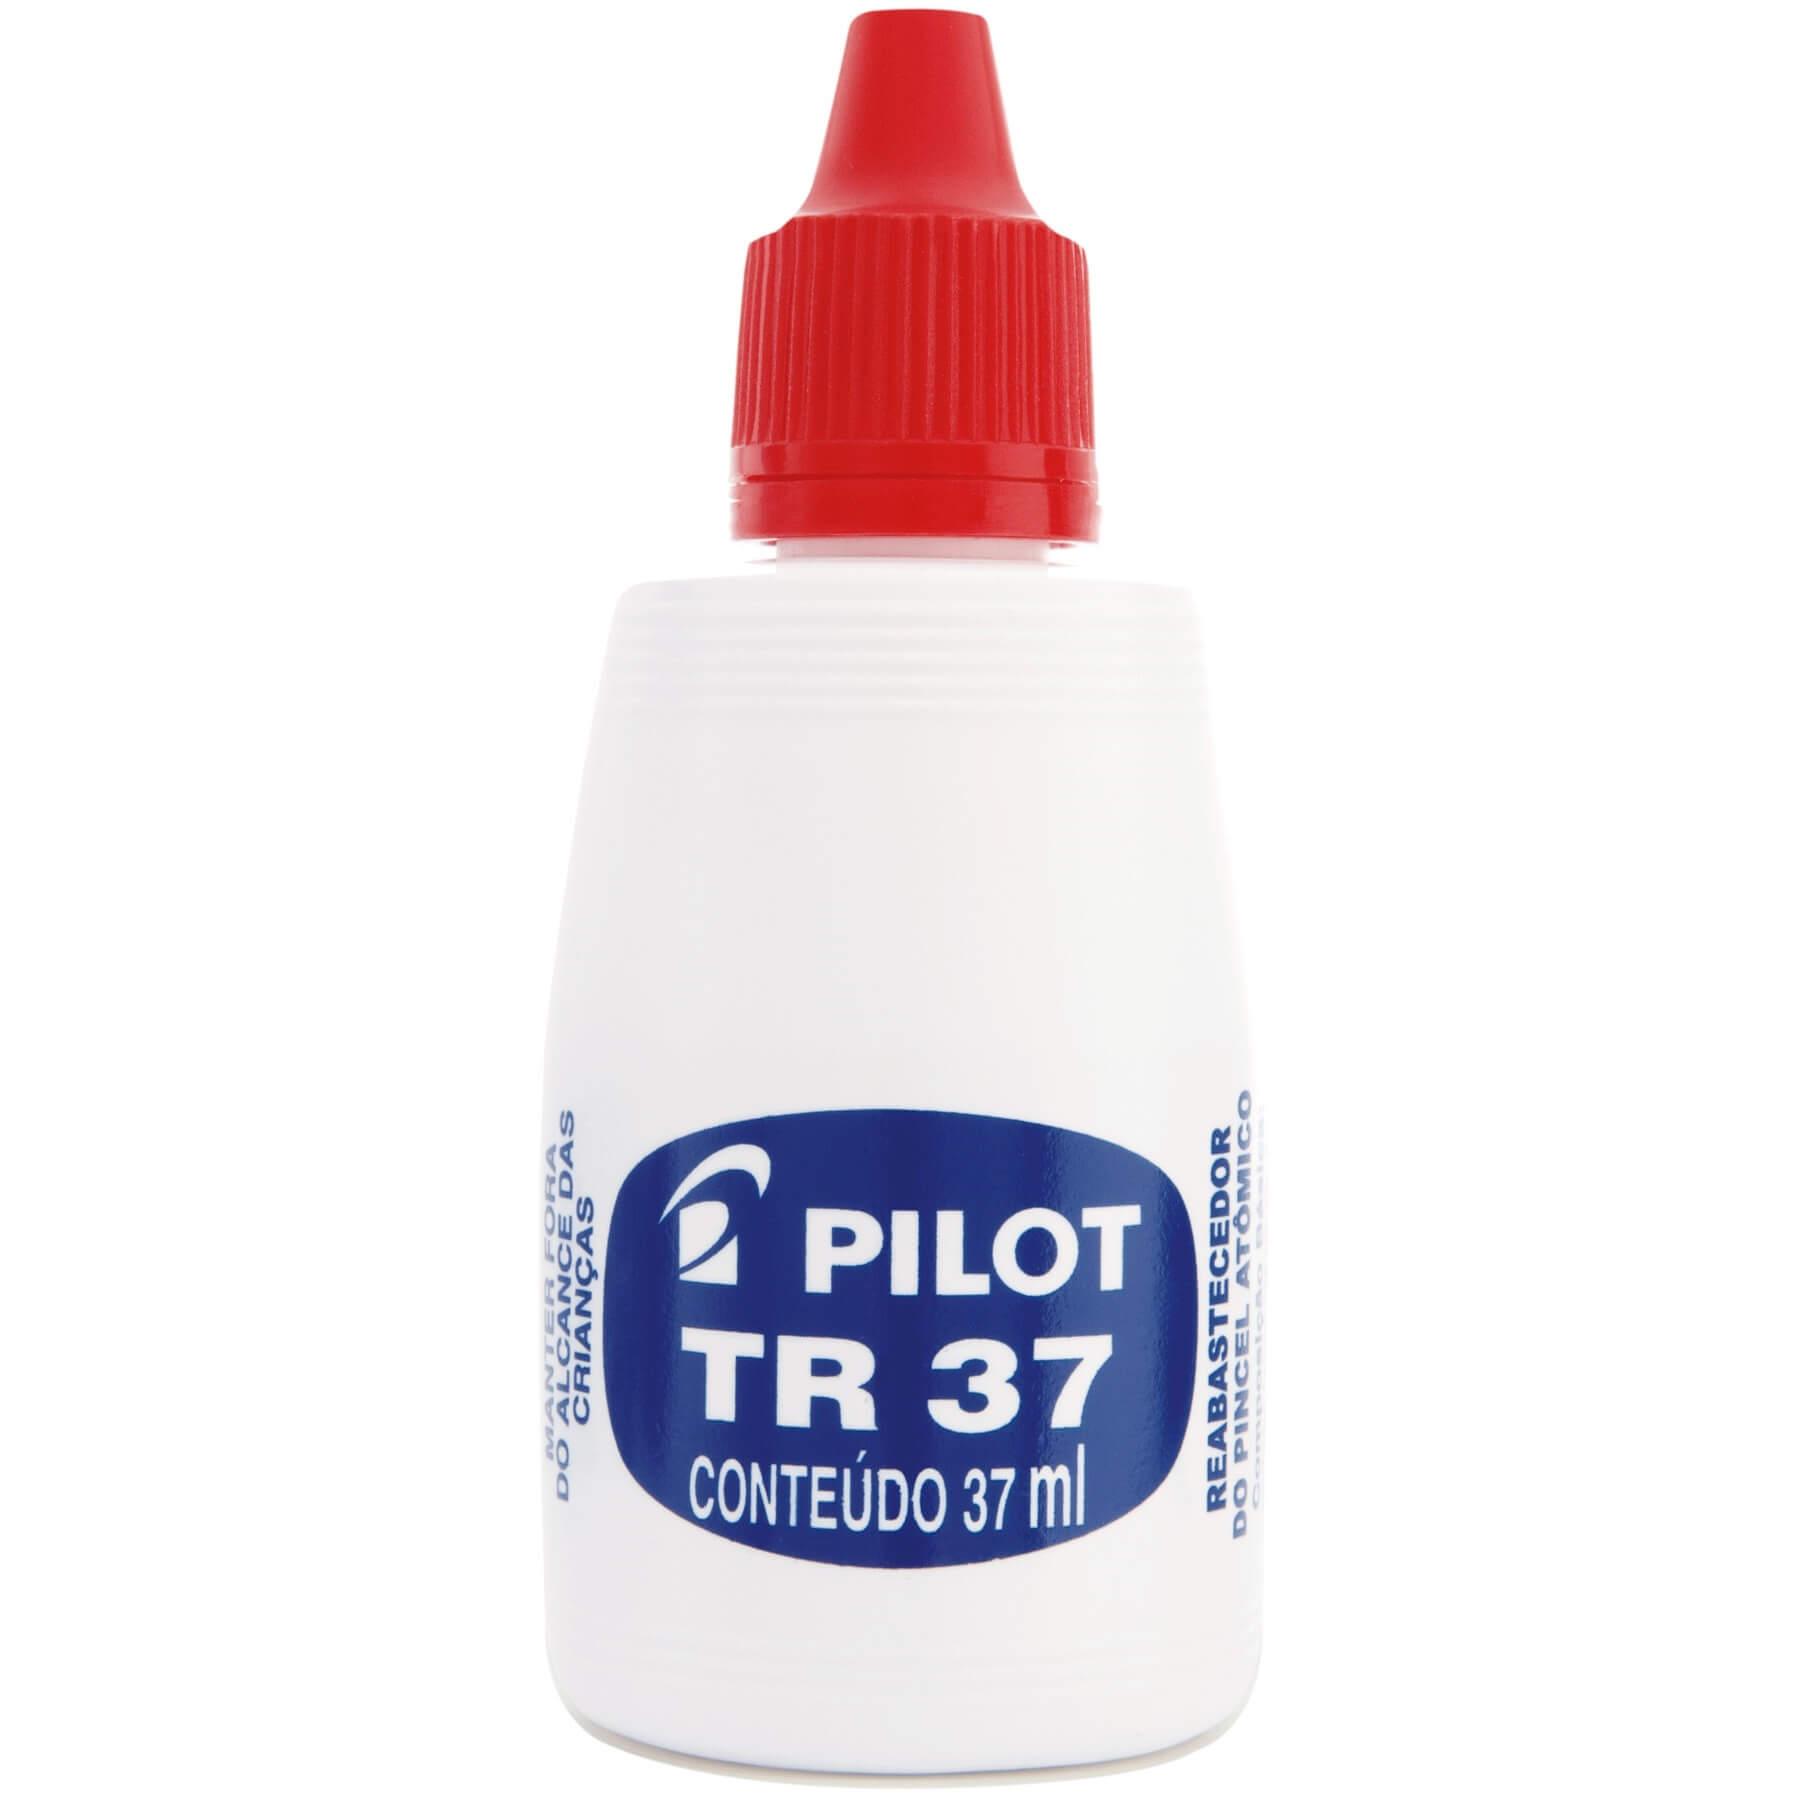 TINTA REABASTECEDOR PINCEL ATOMICO TC 37 VERMELHO 37 ML - PILOT